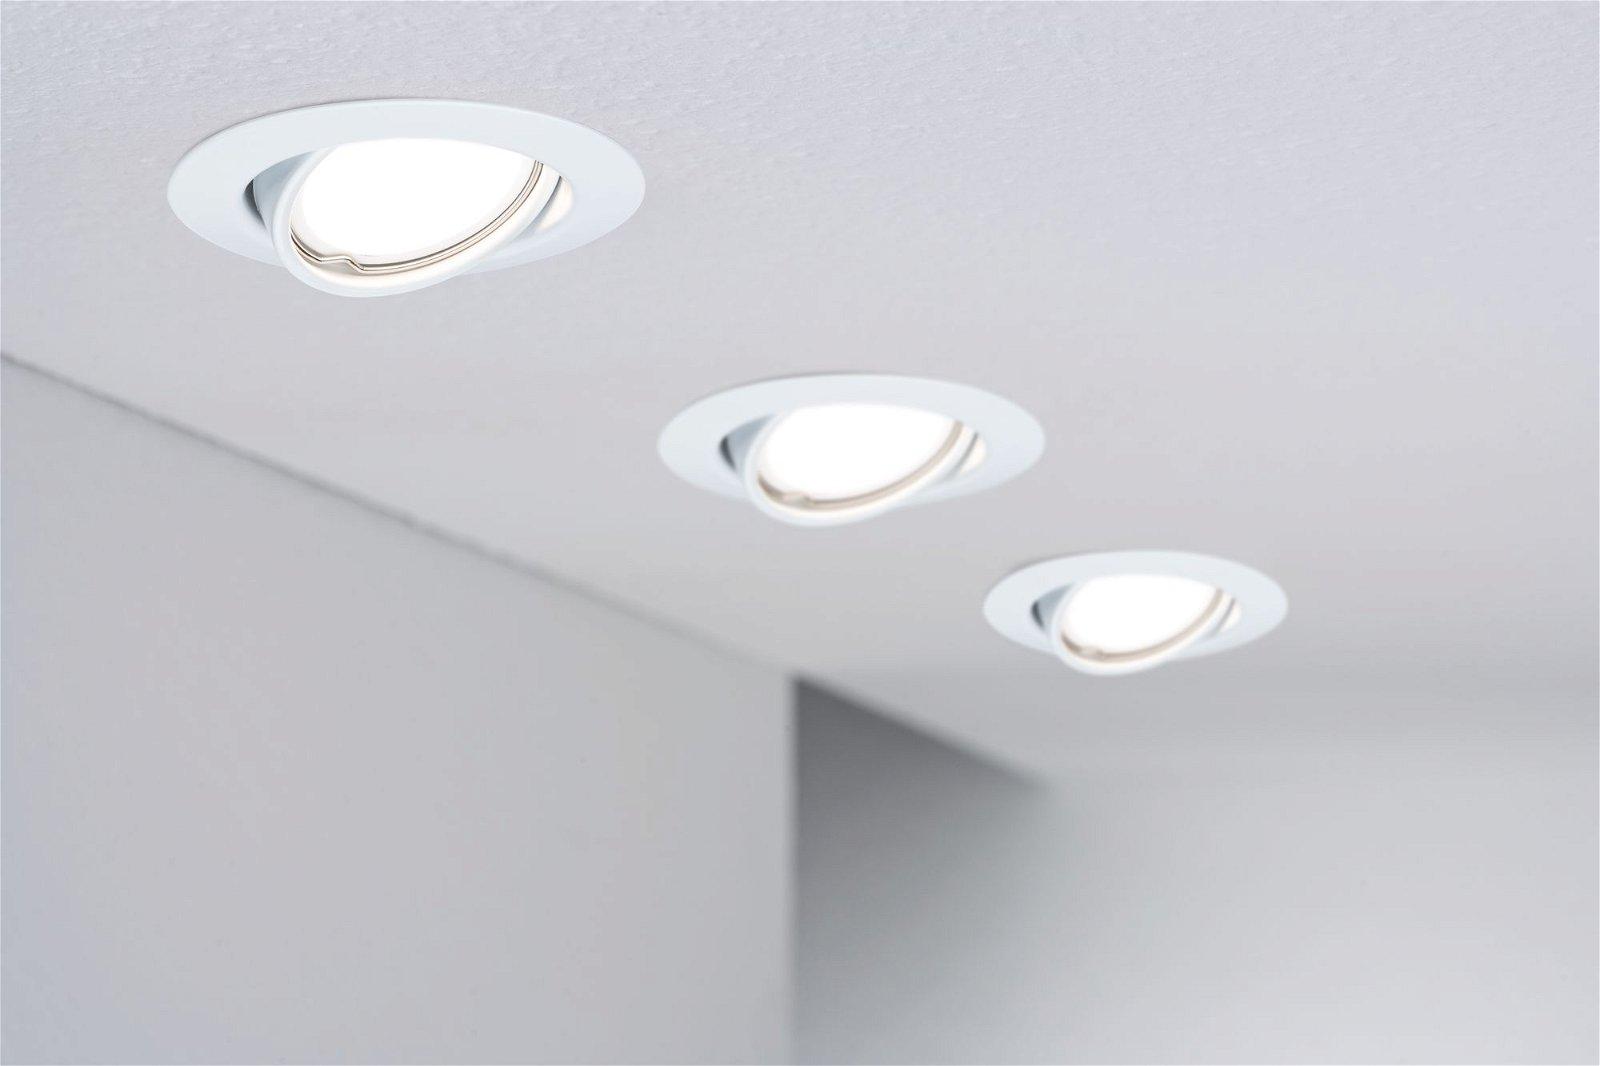 LED Einbauleuchte Base Coin Einzelleuchte schwenkbar rund 90mm 20° Coin 5W 350lm 230V 3000K Weiß